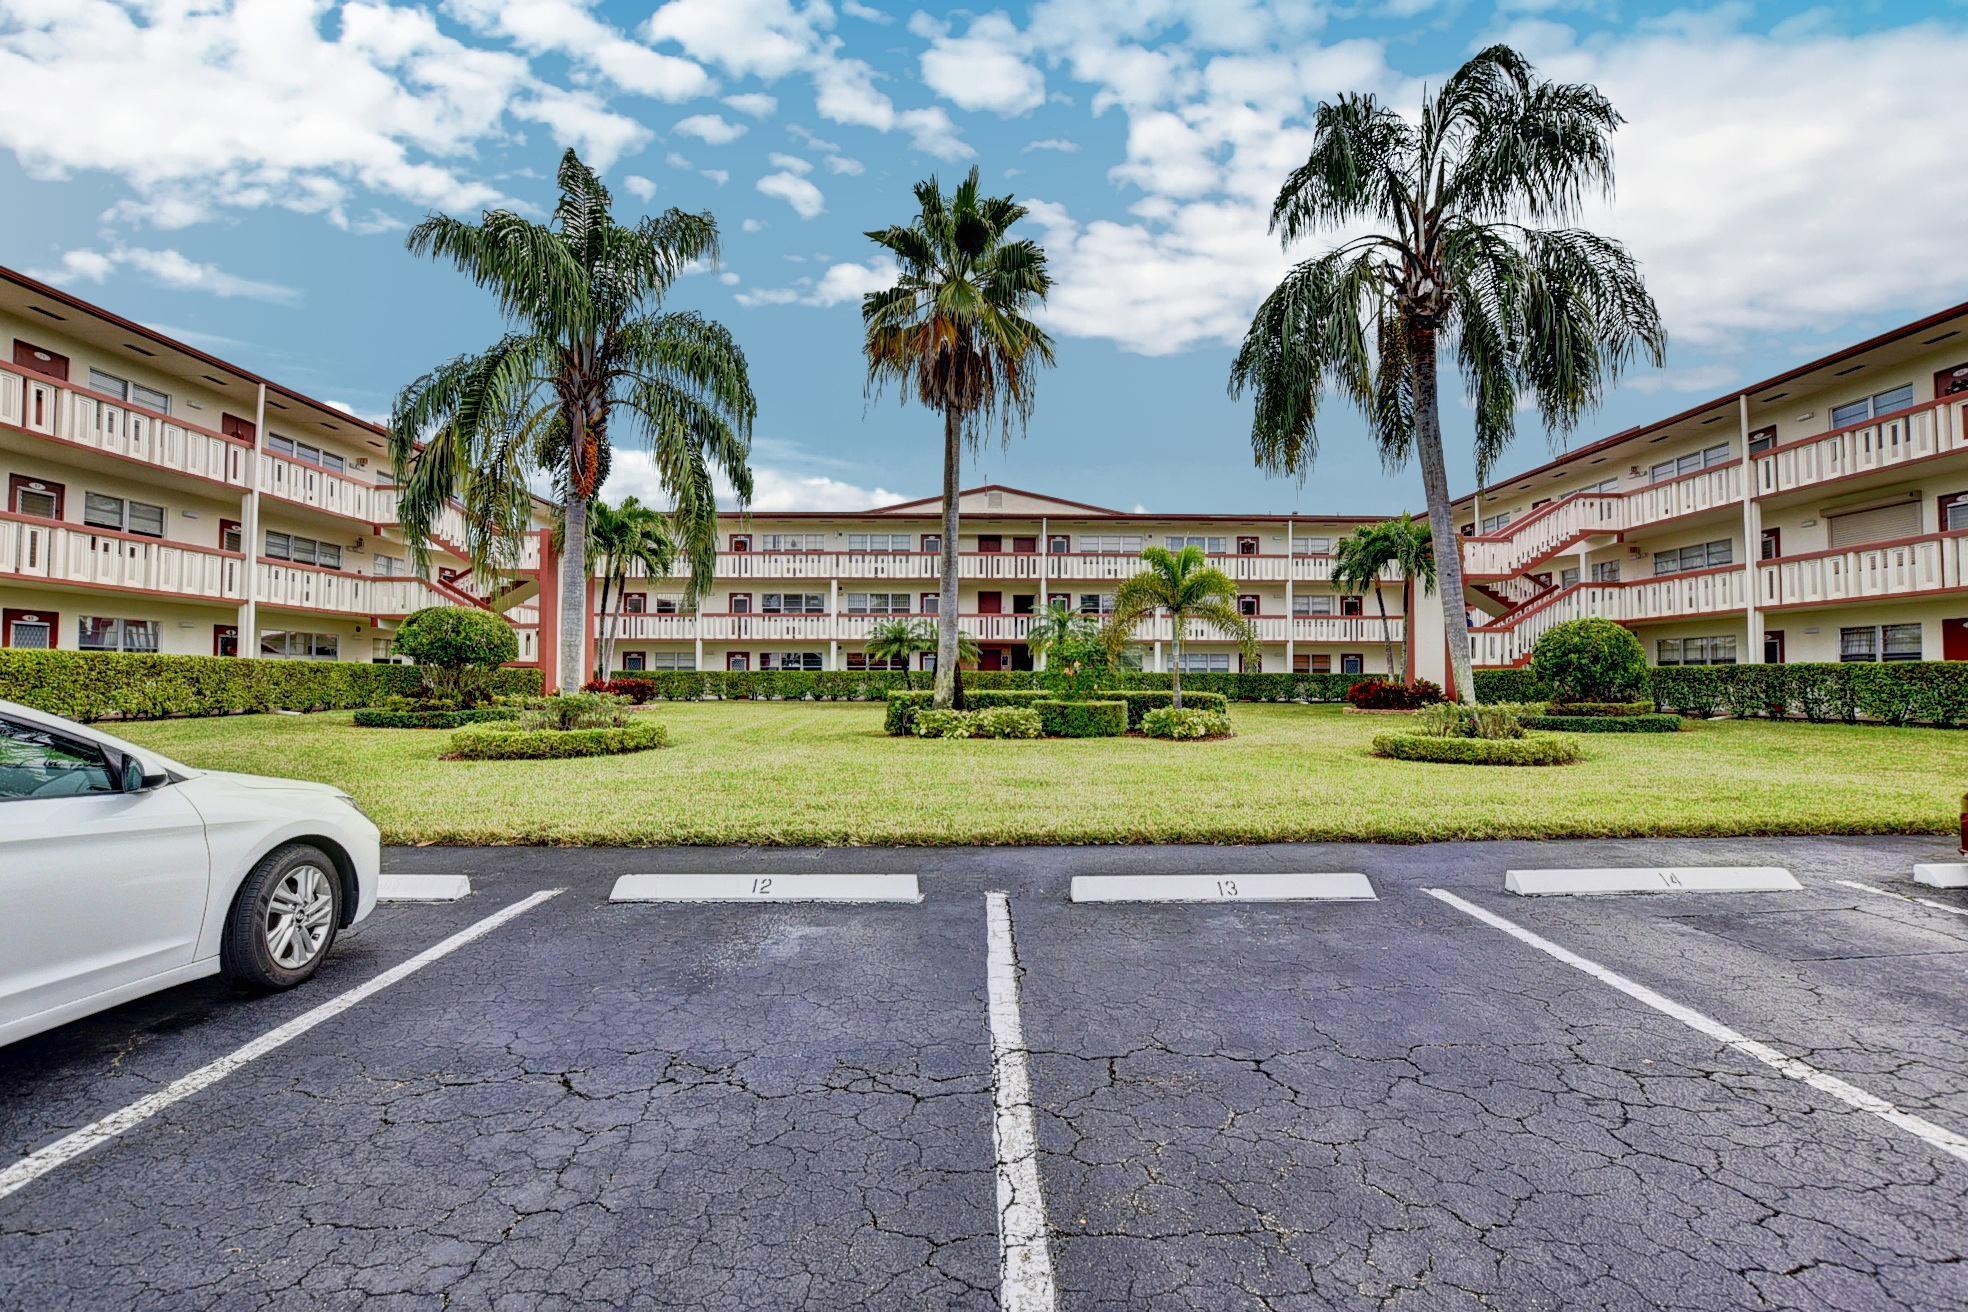 57 Brighton B Boca Raton, FL 33434 Boca Raton FL 33434